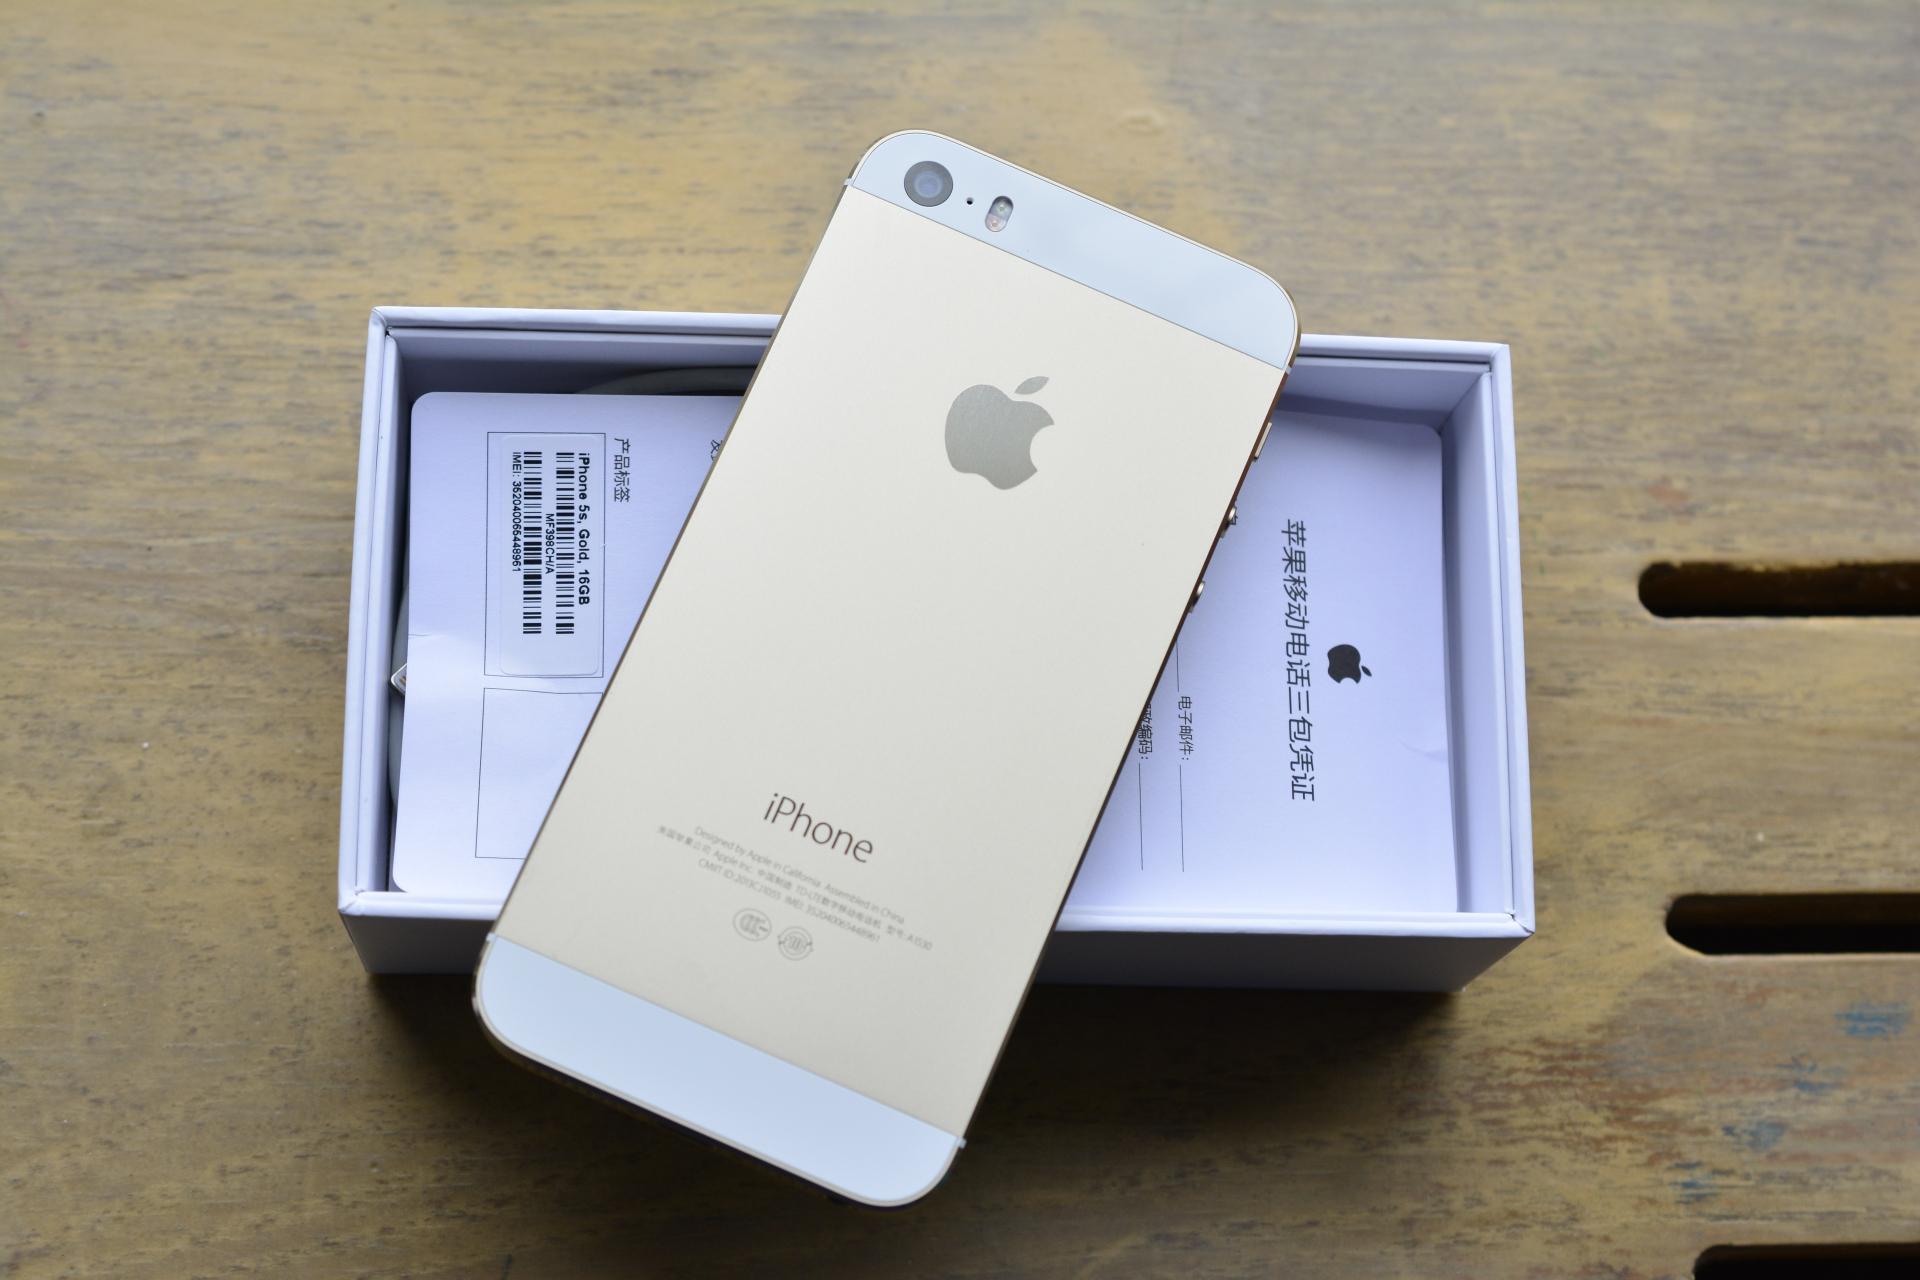 我的两部苹果5S共享一个ID,为什么我这部的通话记录会在另外一部显示另外一部的不会在我这部手机里面显示